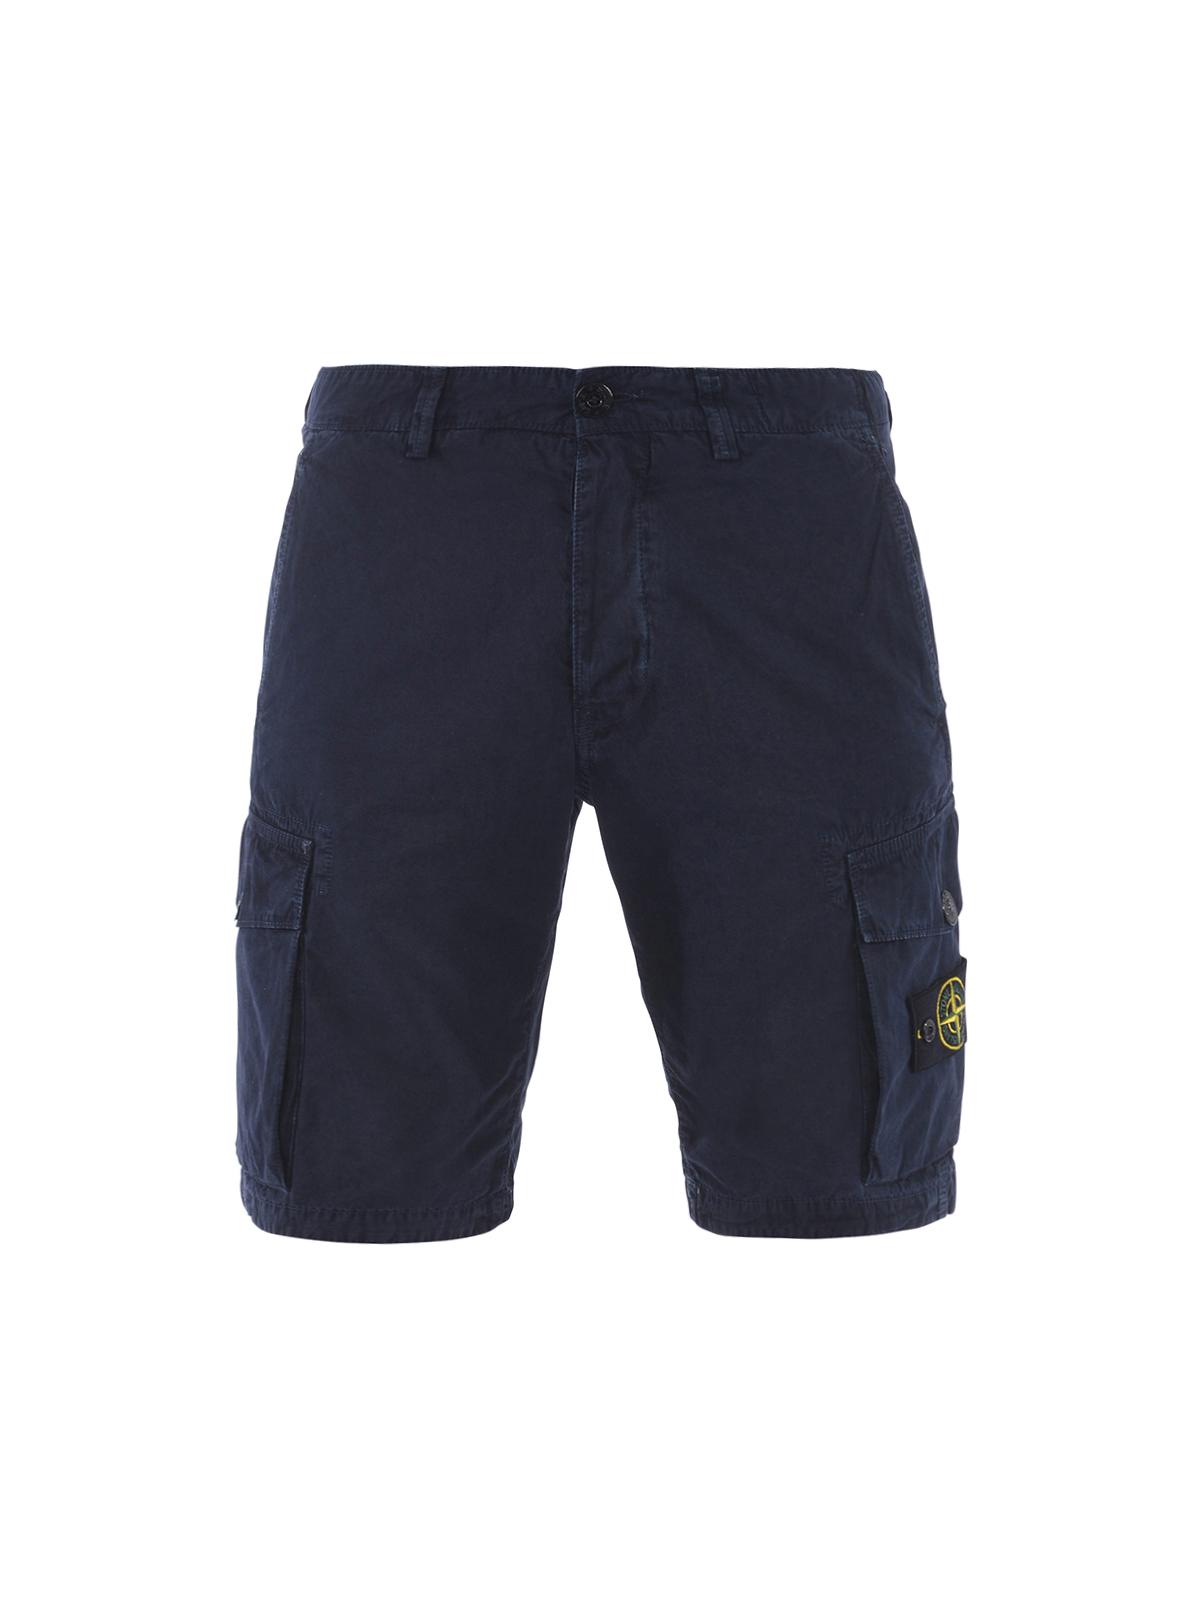 shorts fur herren dunkelblau von stone island hosen. Black Bedroom Furniture Sets. Home Design Ideas